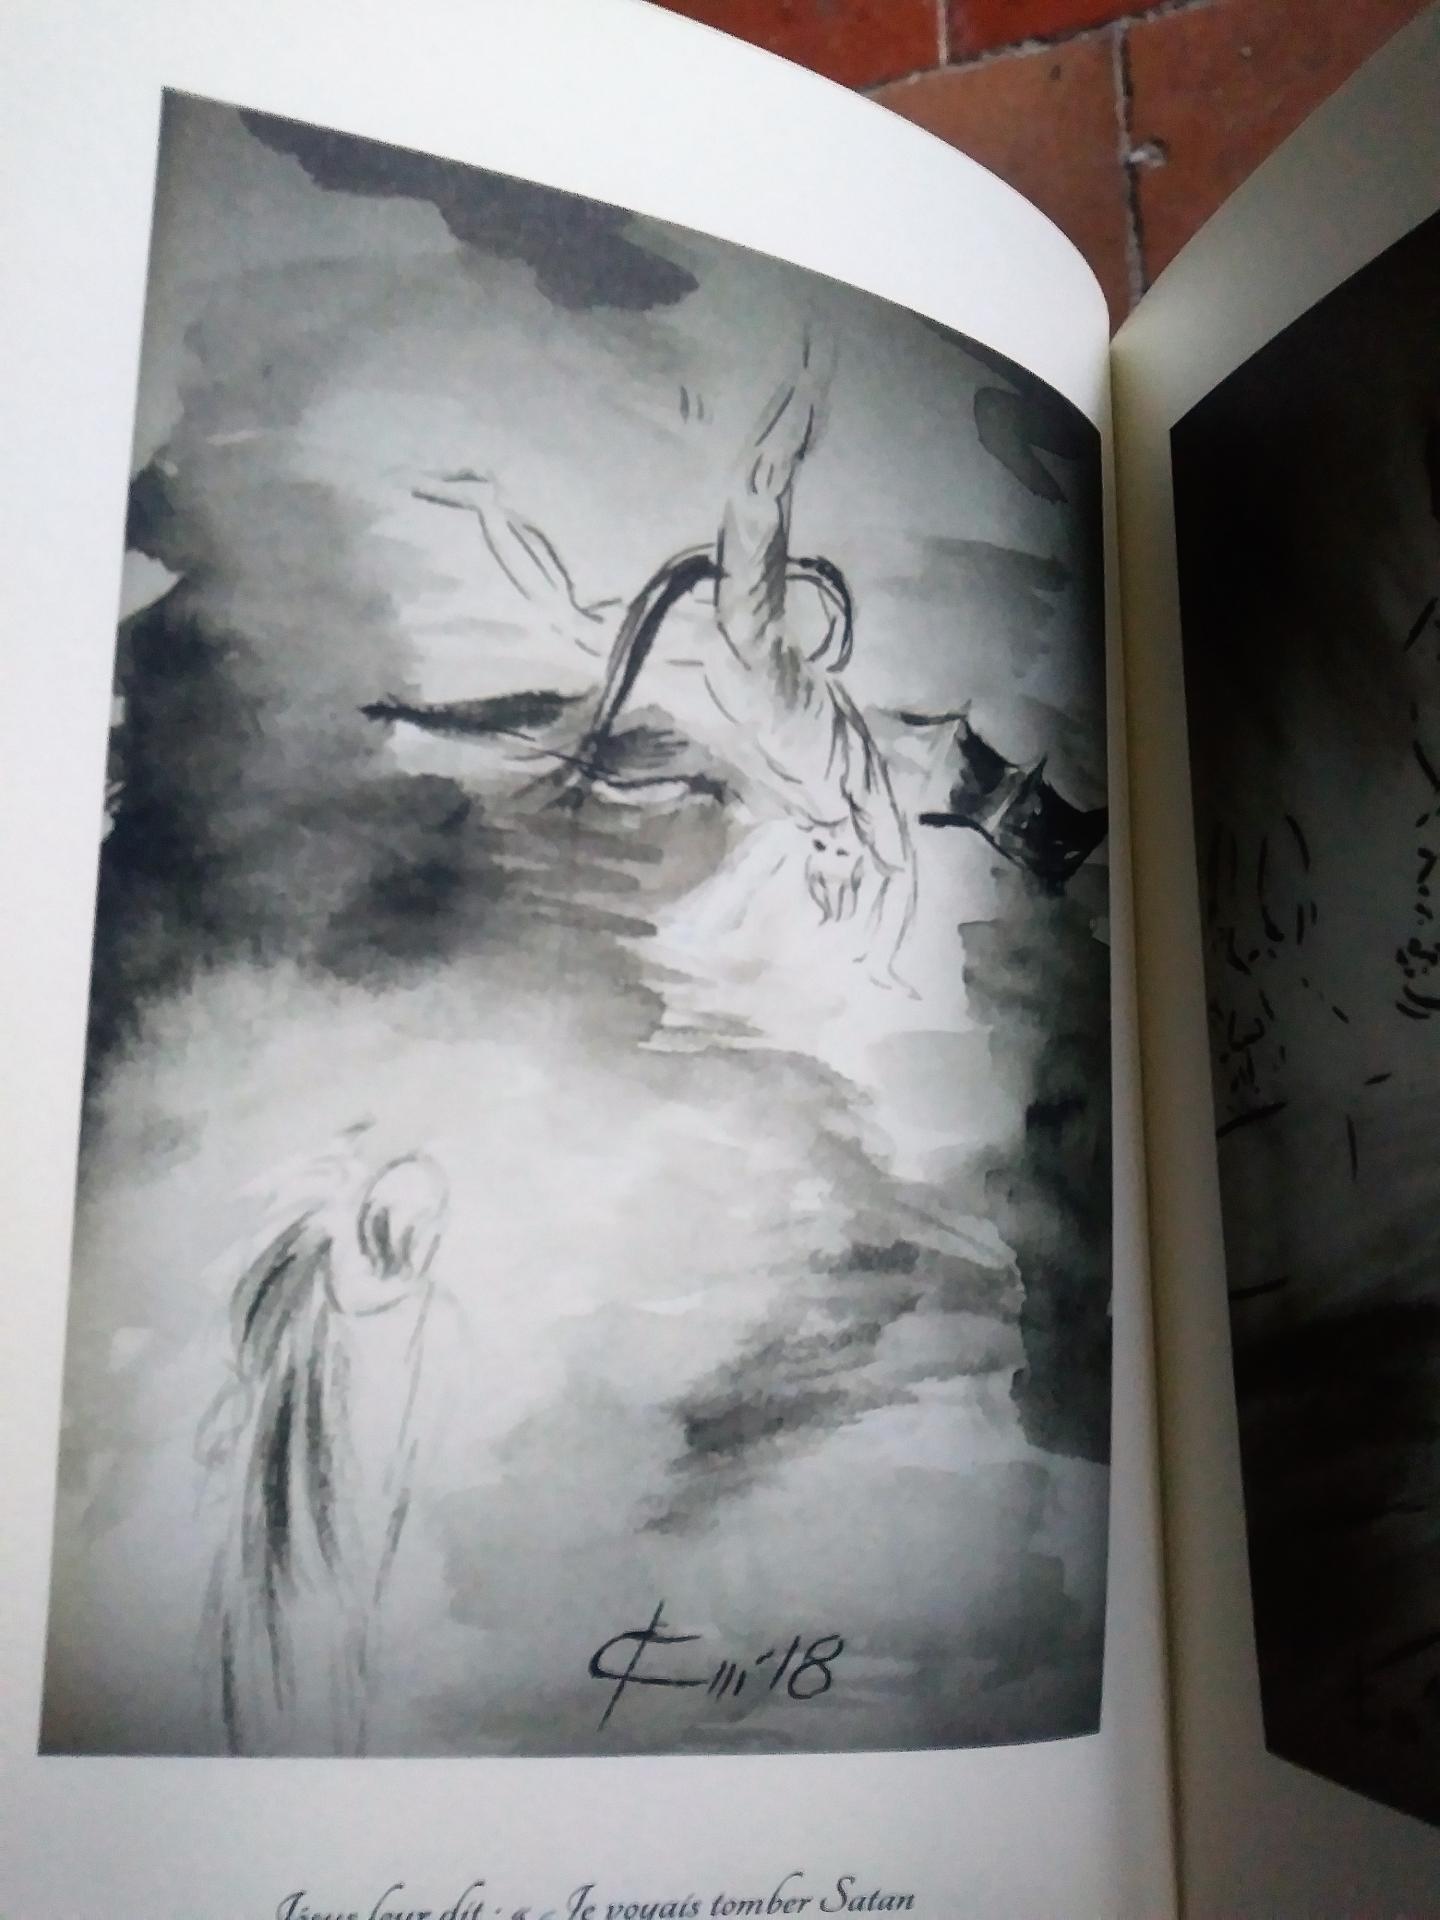 evangile du jour illustre par un dessin au lavis de jean joseph chevalier